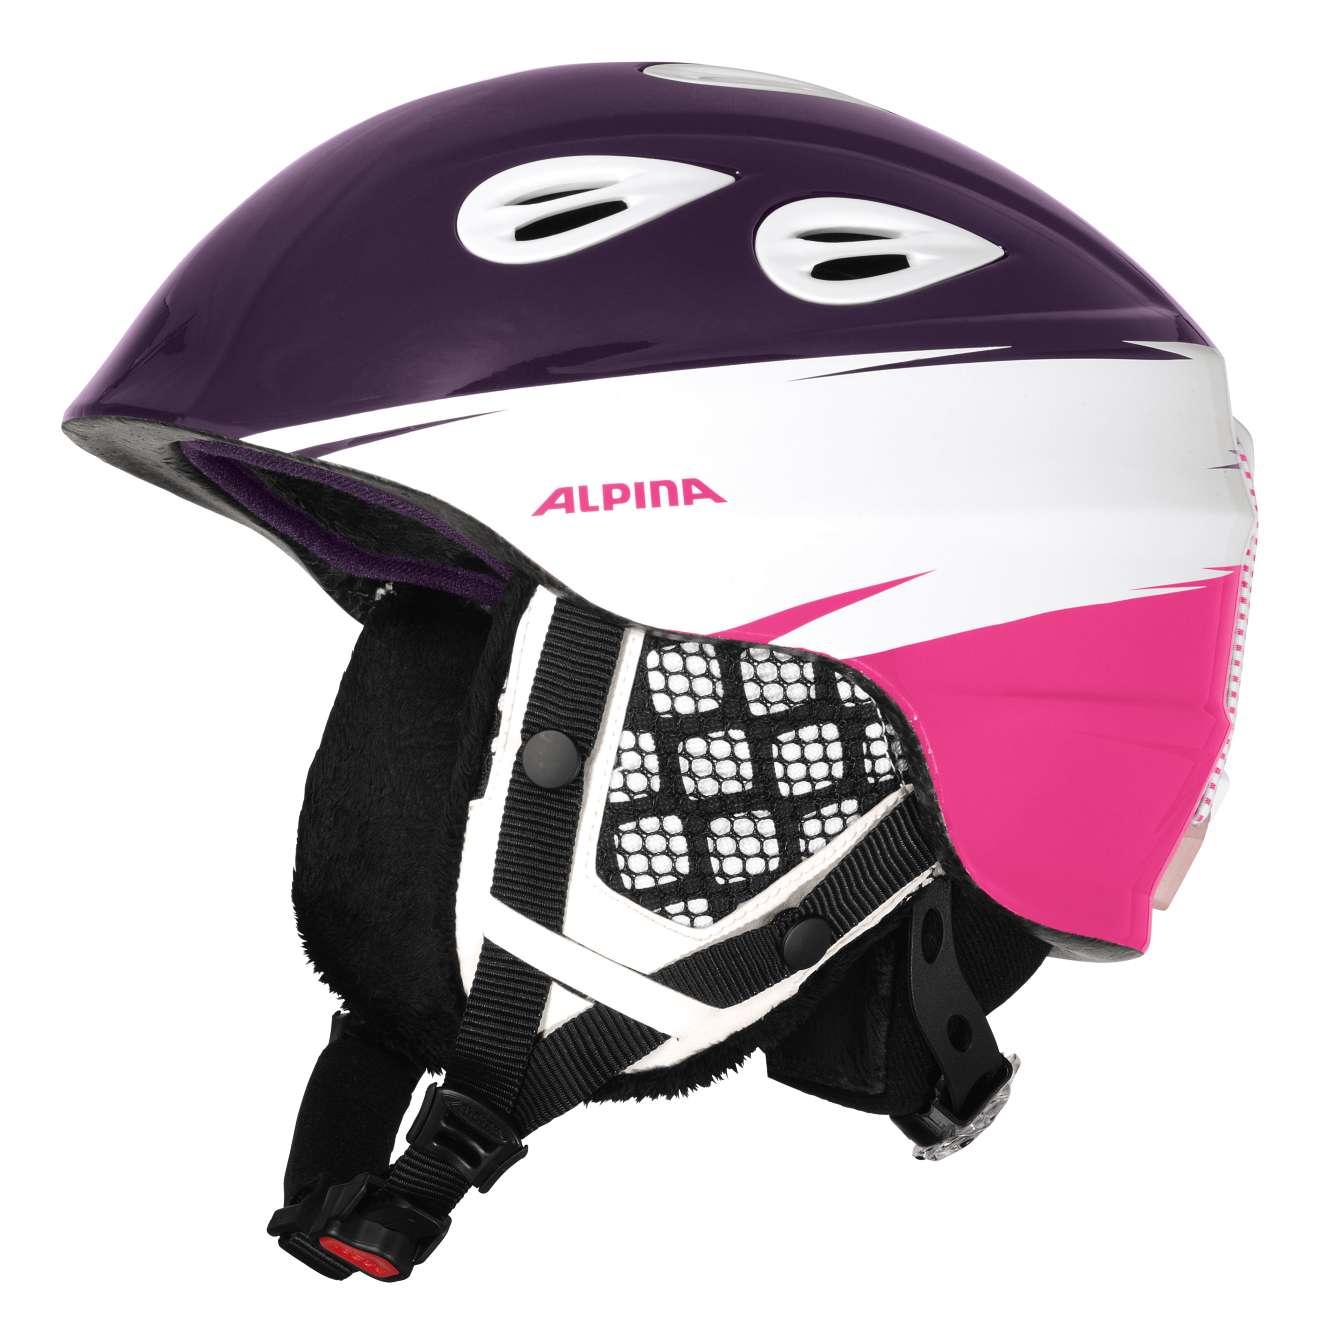 alpina grap 2 0 junior wintersport shop sport rest. Black Bedroom Furniture Sets. Home Design Ideas